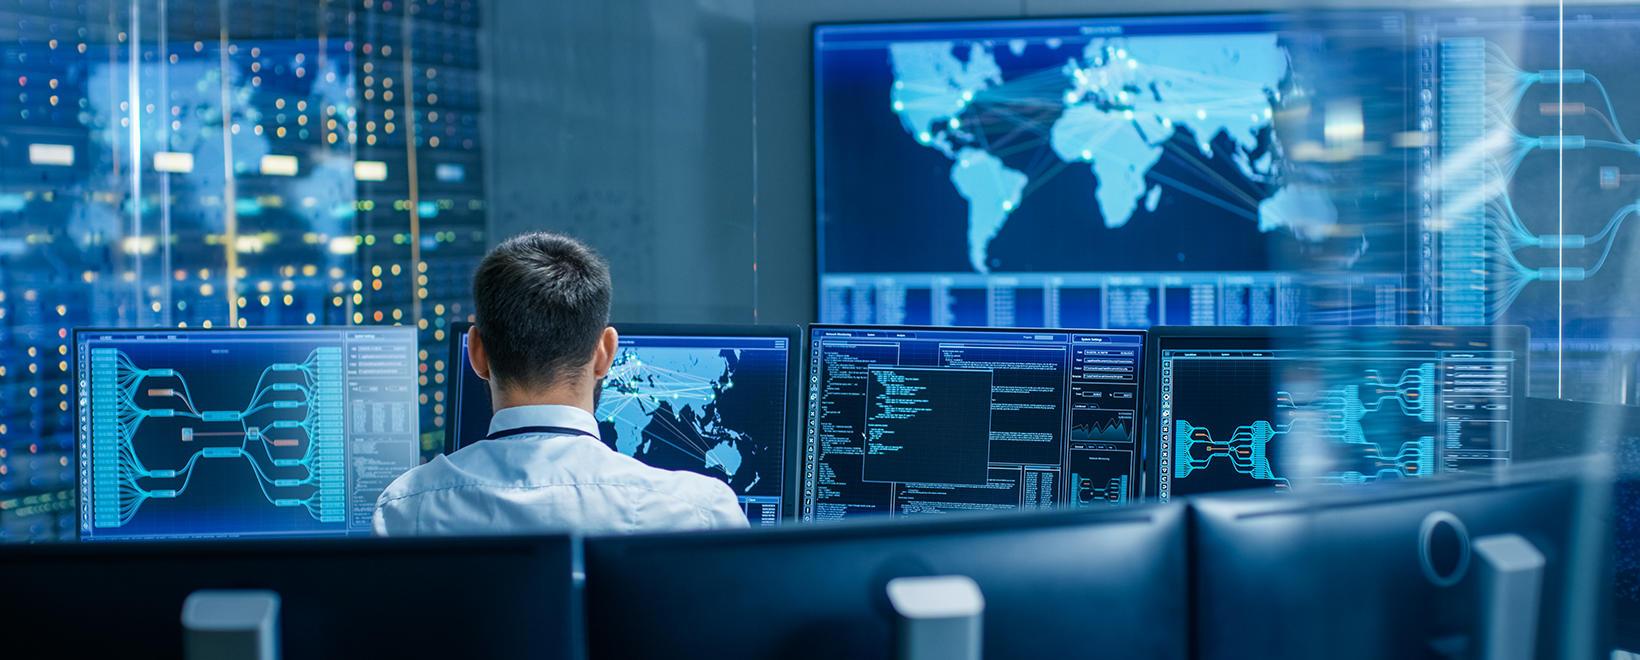 クラウドのシステム監視は、オンプレミス環境とどう違う?新たな課題は ...